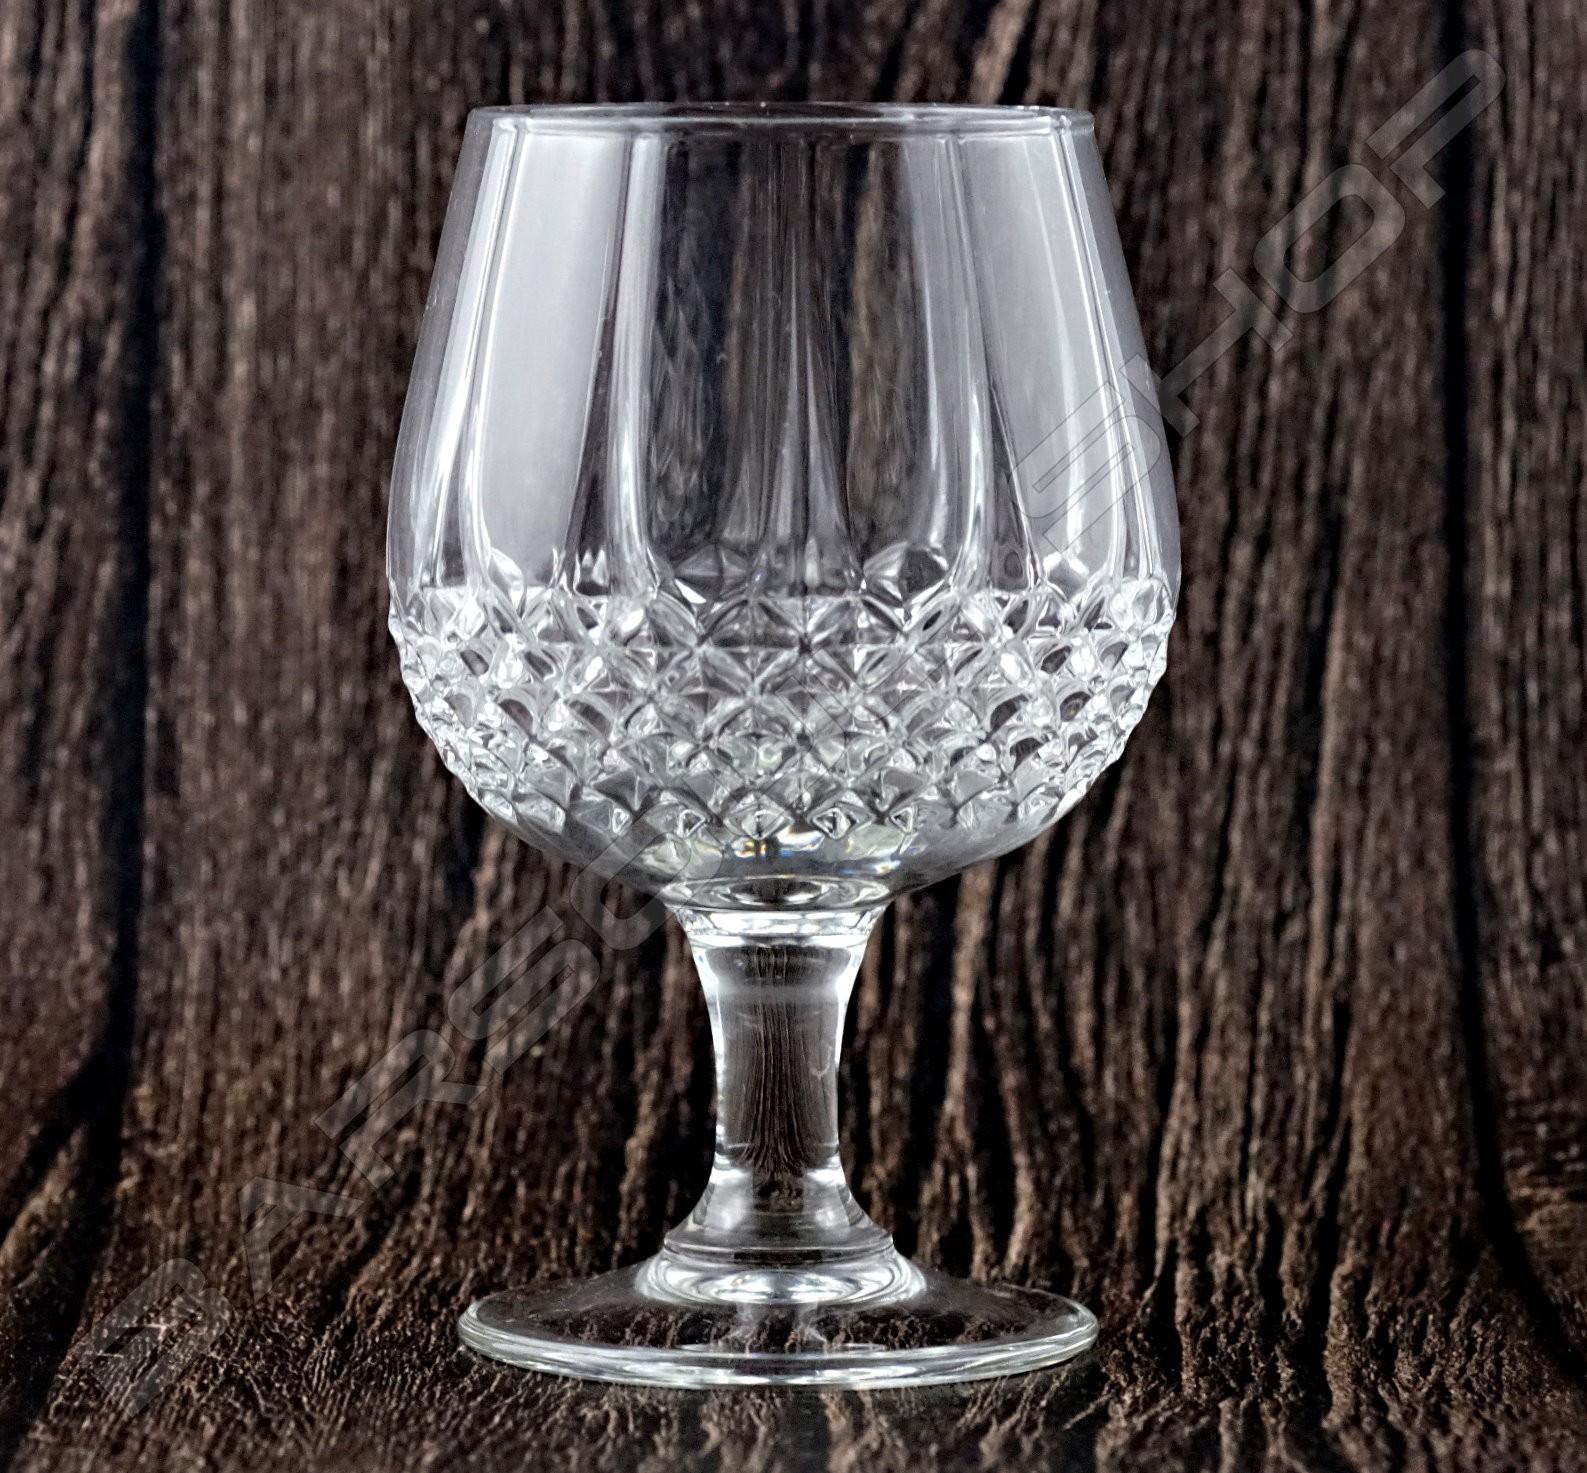 鑽石雕刻白蘭地杯320ml Brandy